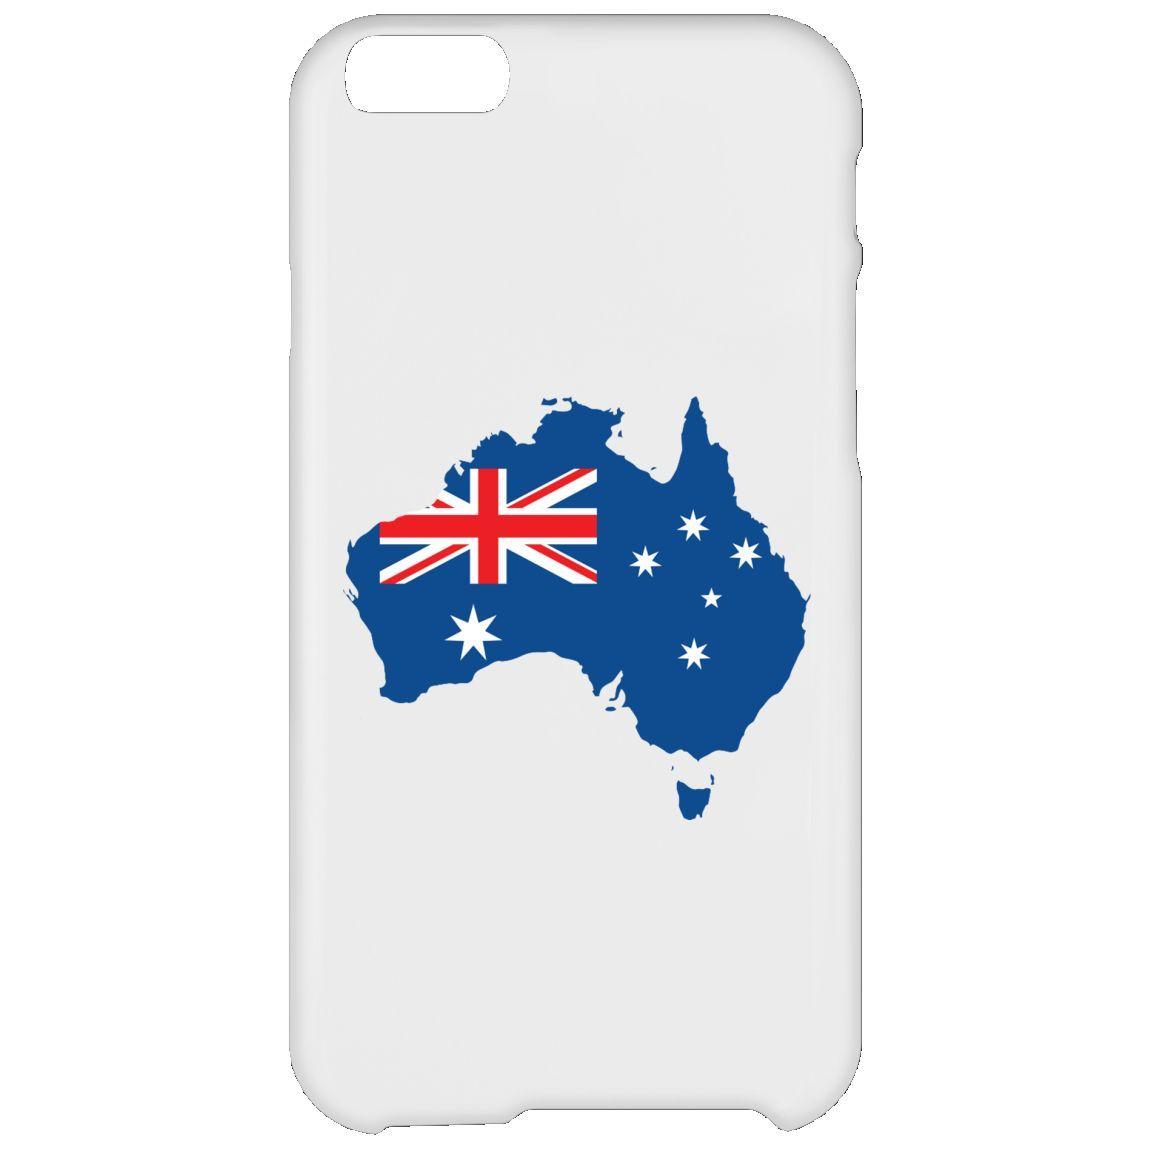 Increíble Australia Para Colorear Imprimible Adorno - Ideas Para ...